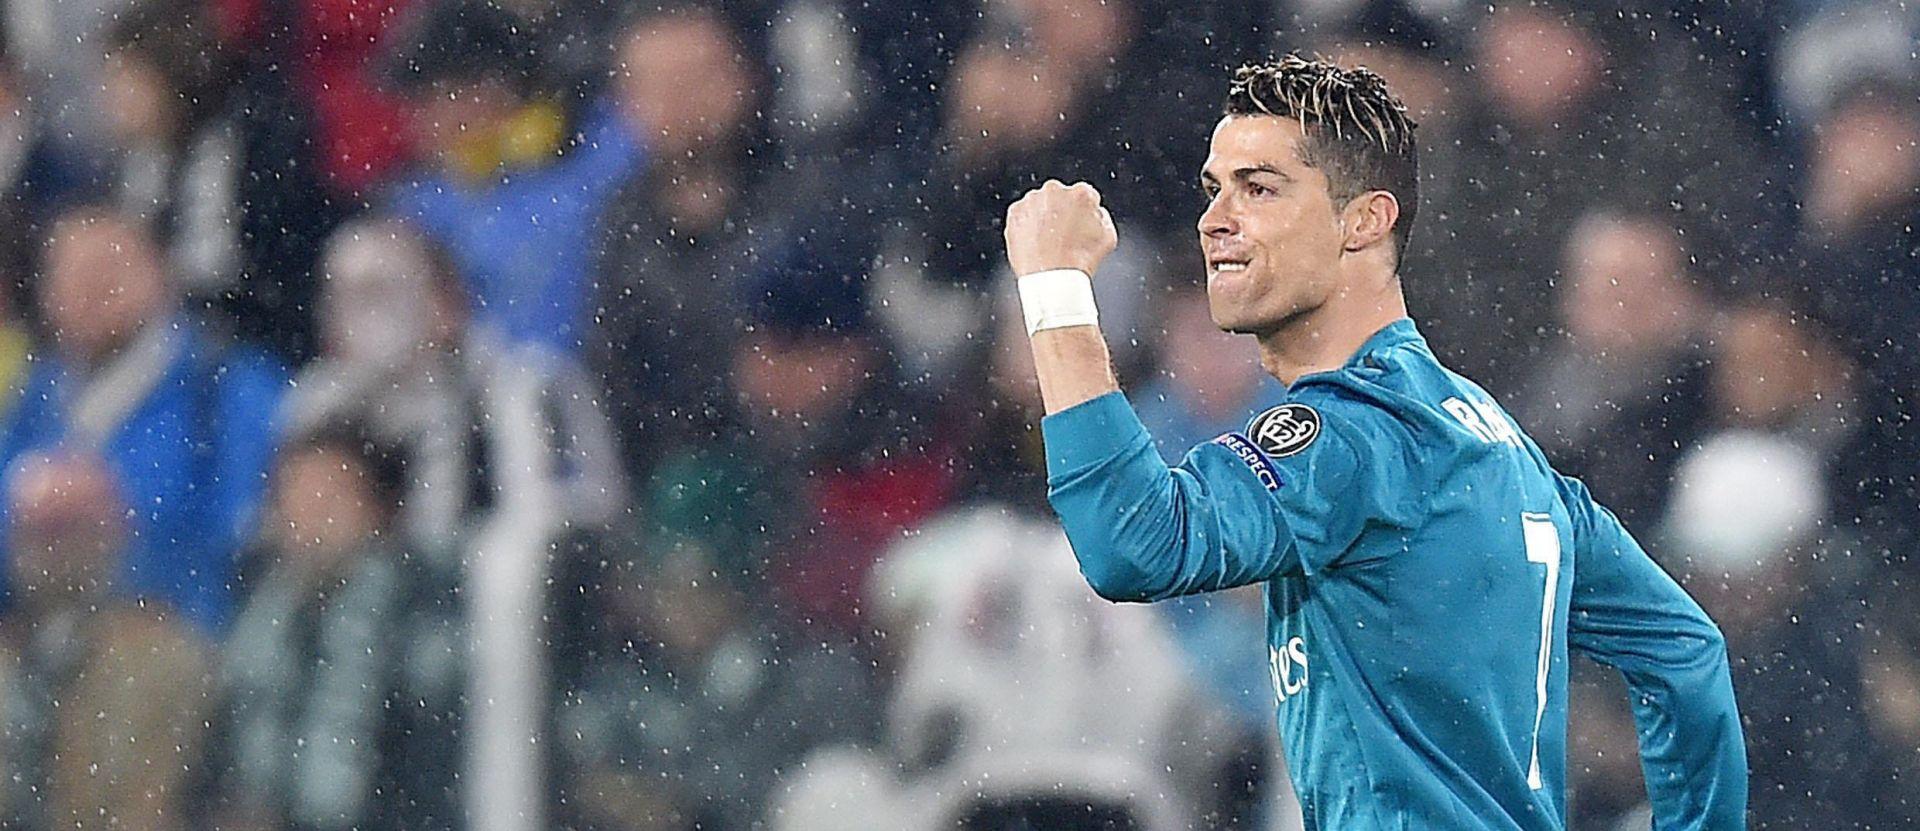 Tko je bolji ? Ronaldo, Salah, Džeko ili Lewandowski